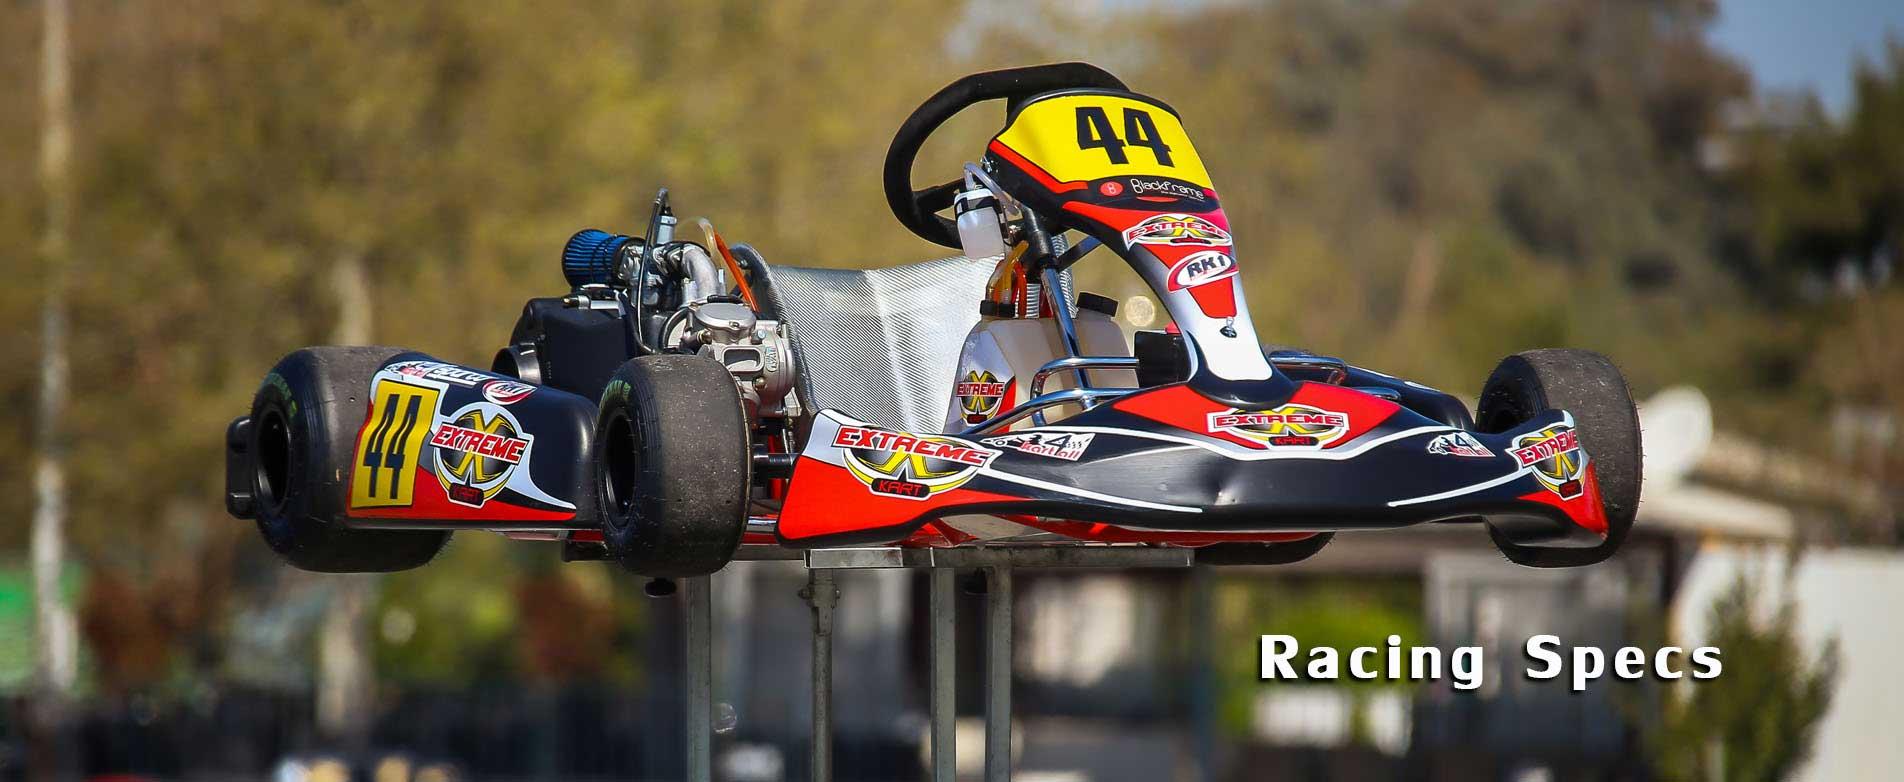 Racing Spec